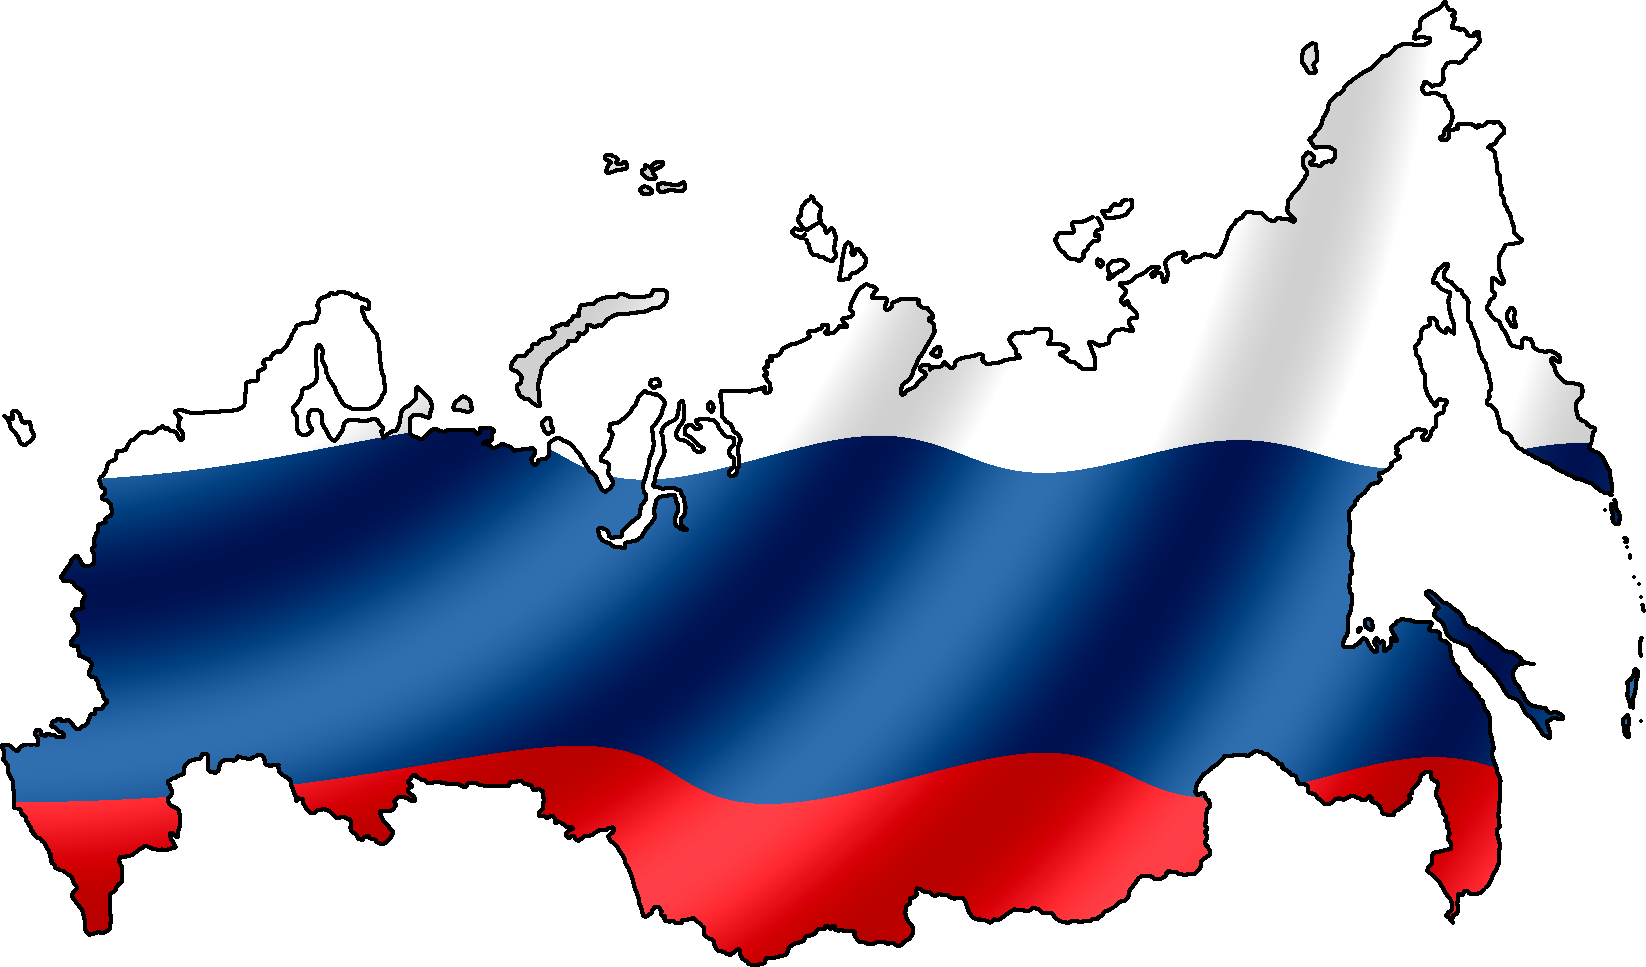 Территория россии картинки для презентации